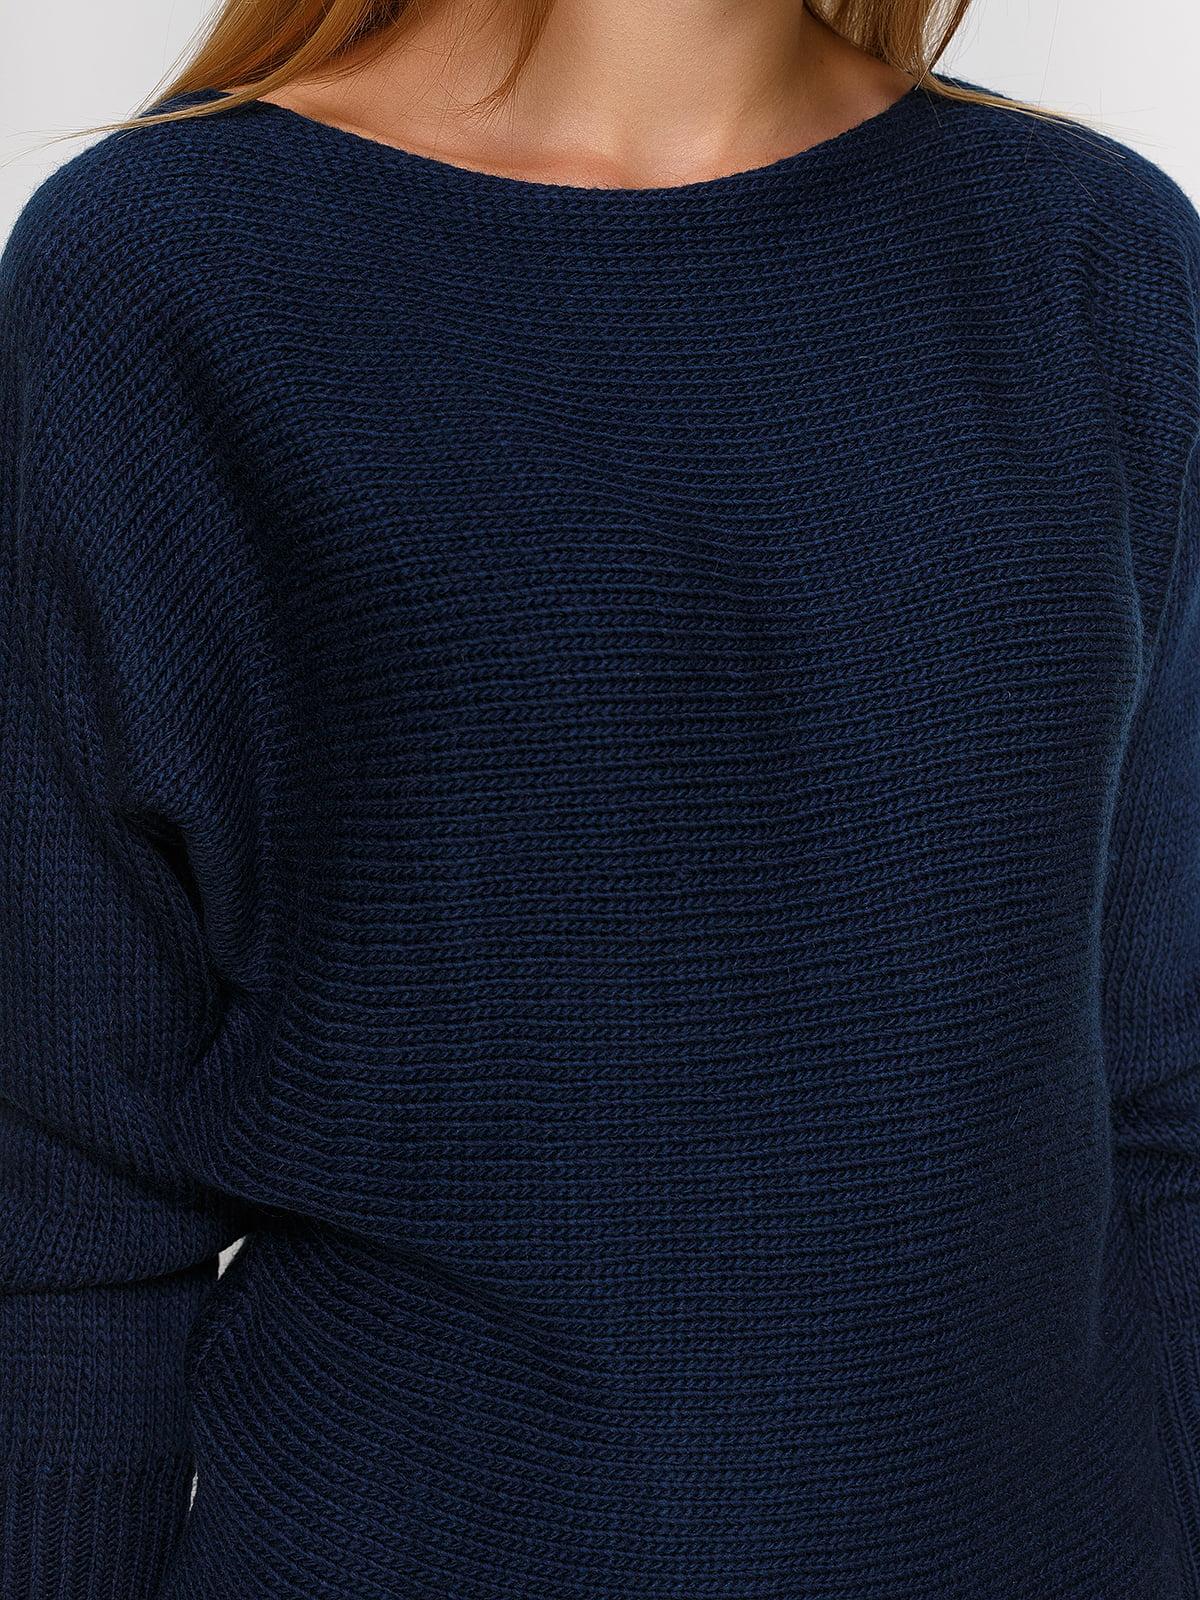 Джемпер темно-синий   4567016   фото 4